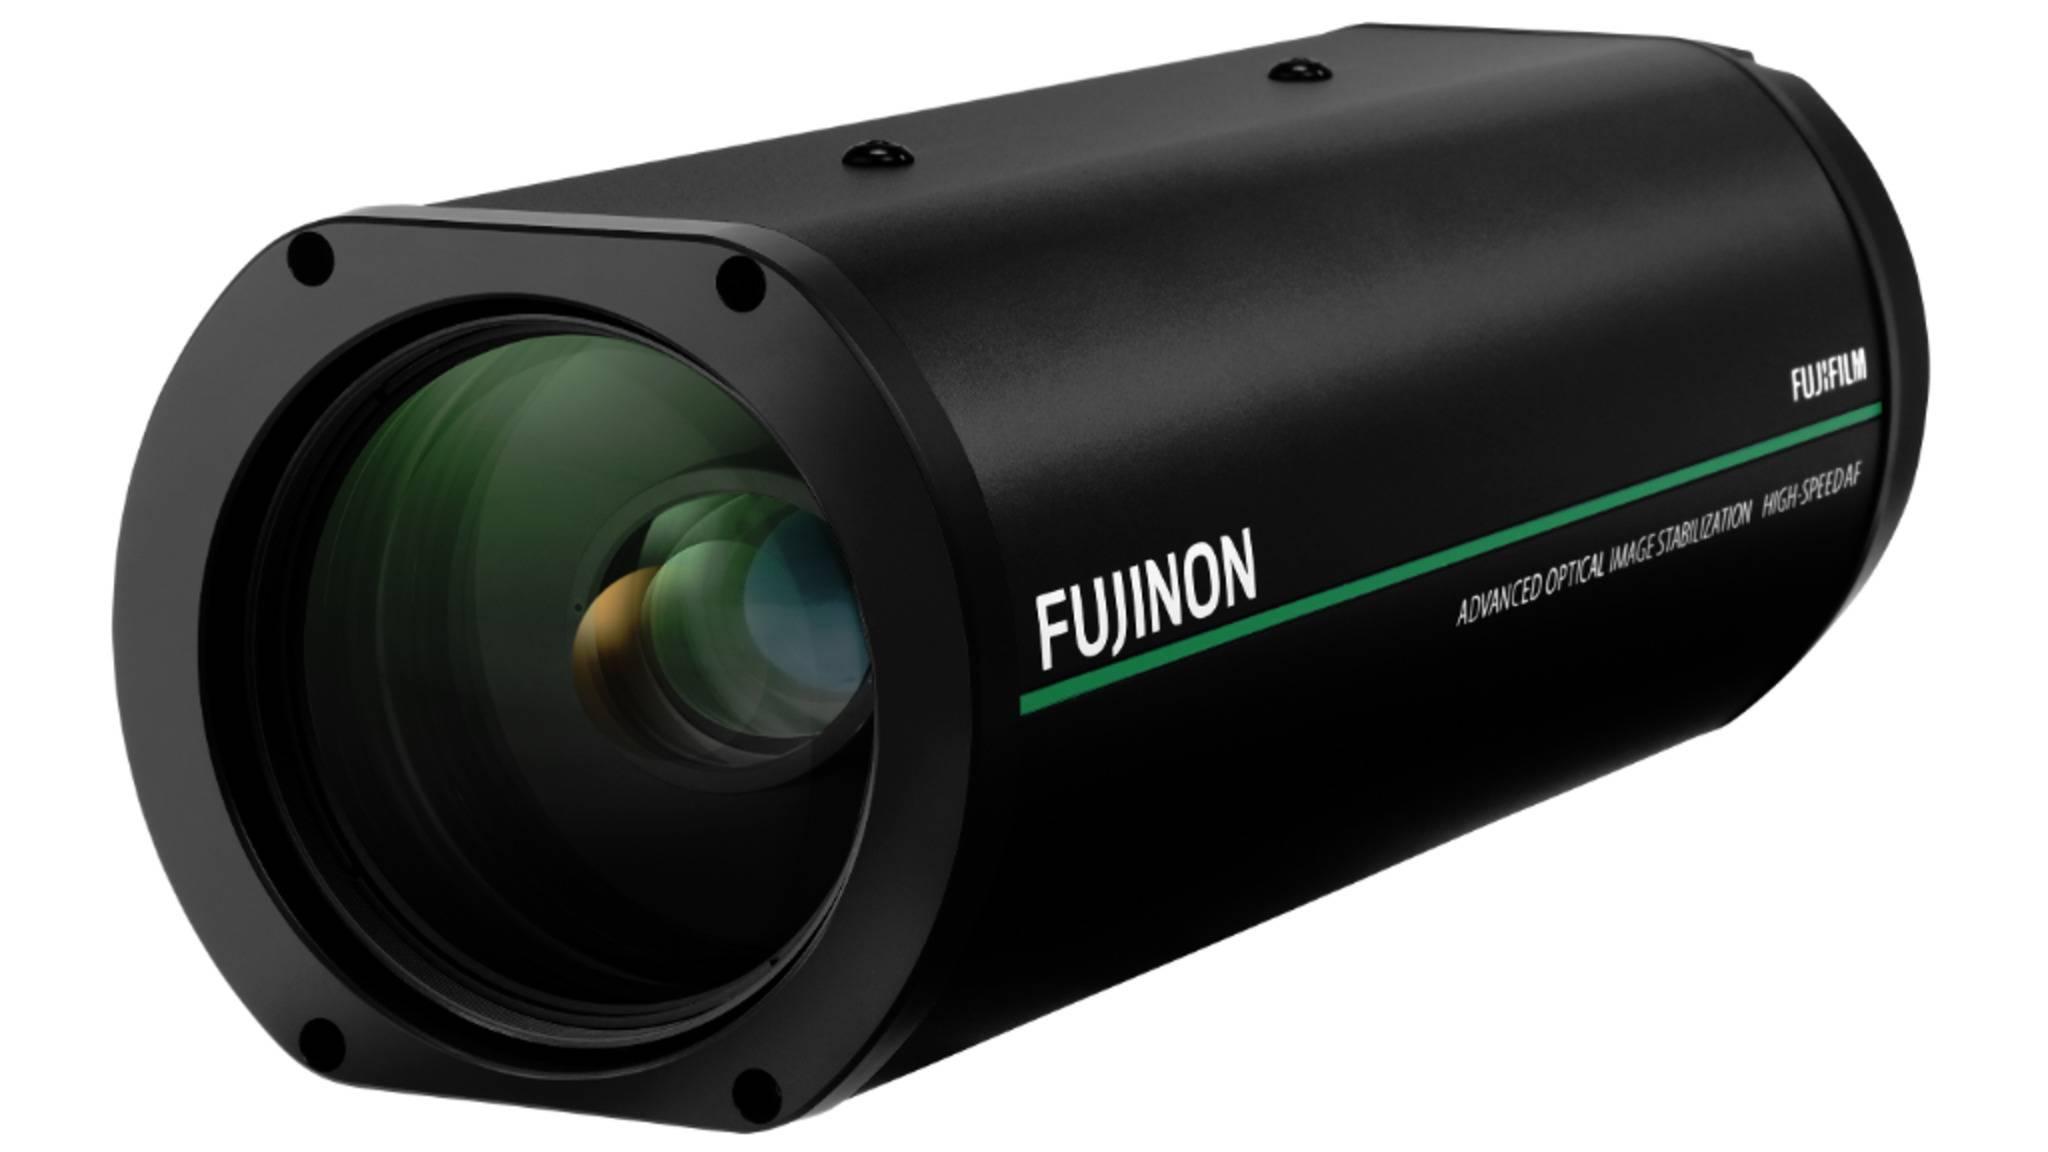 fujifilm-fujinon-sx-800